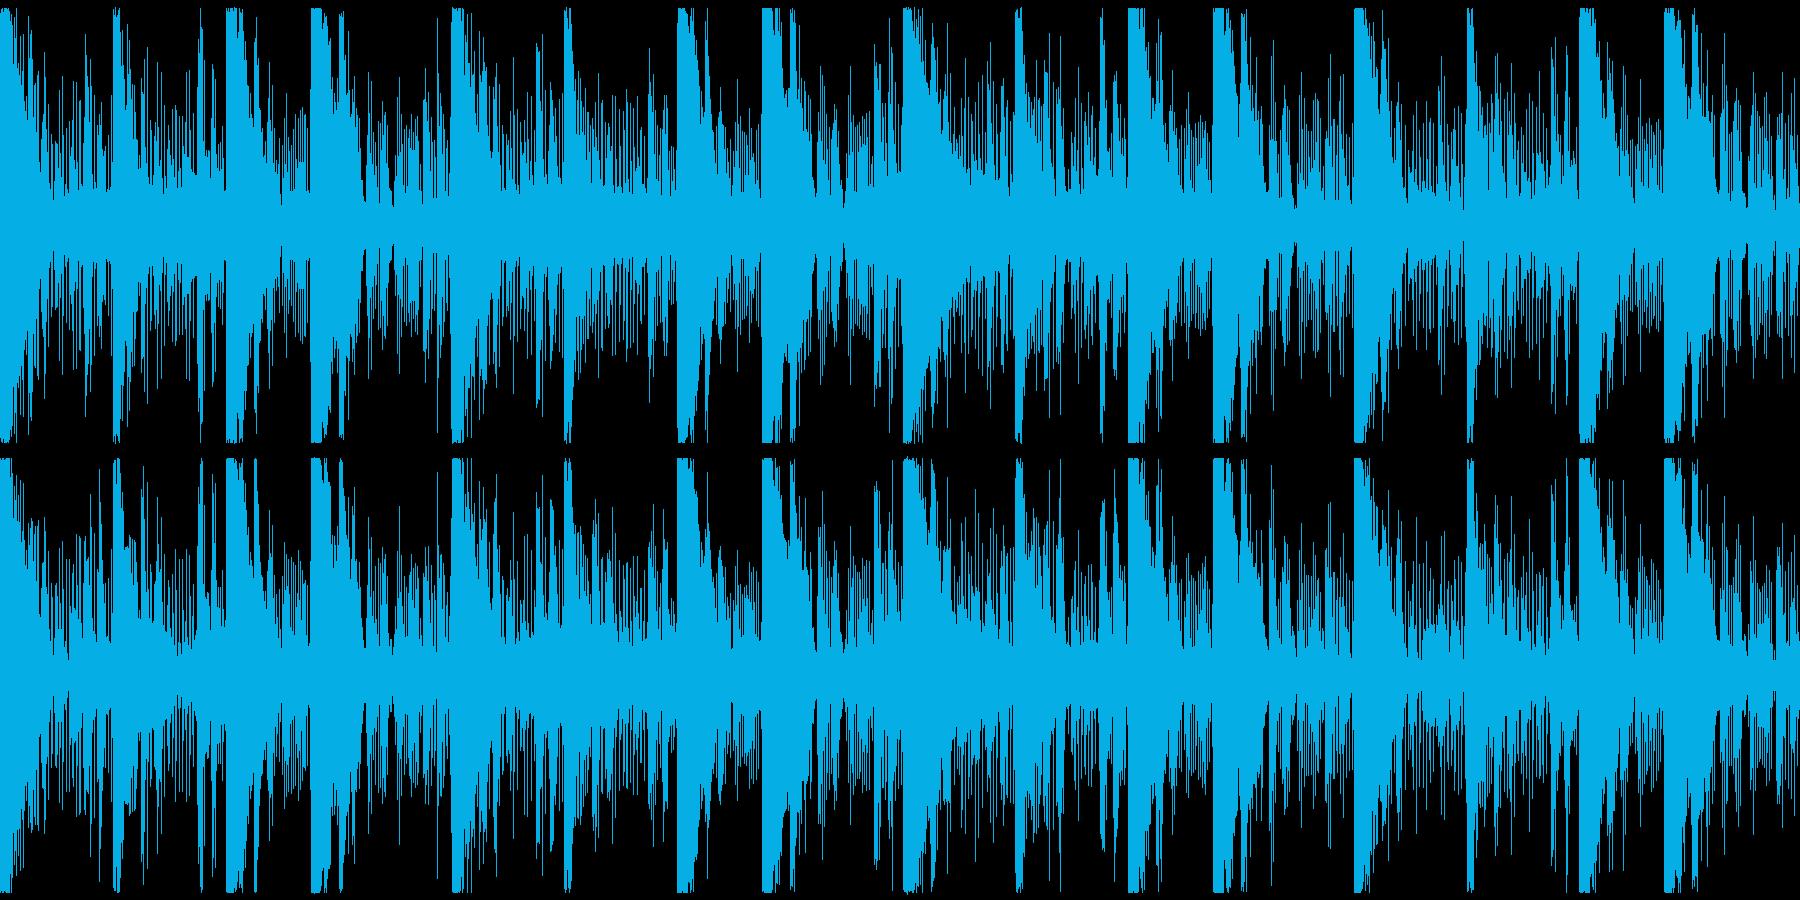 シンセサウンド。怪しい雰囲気のループ曲の再生済みの波形